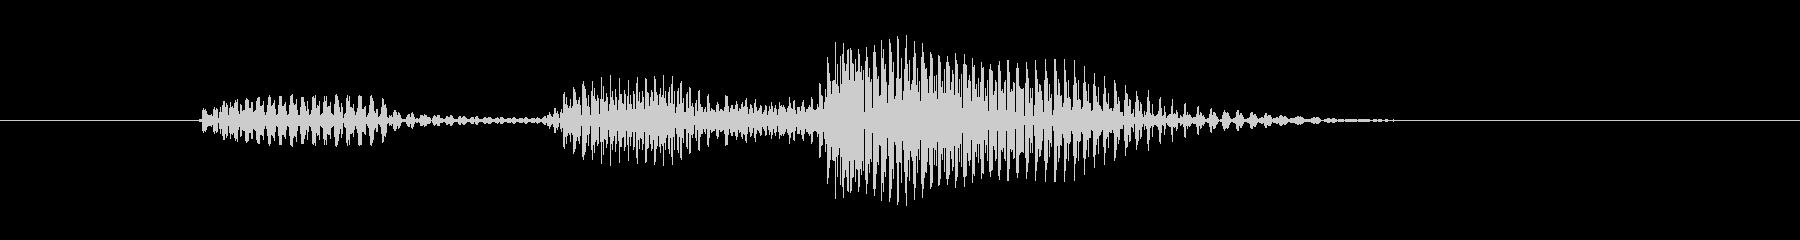 デッドゾーンの未再生の波形